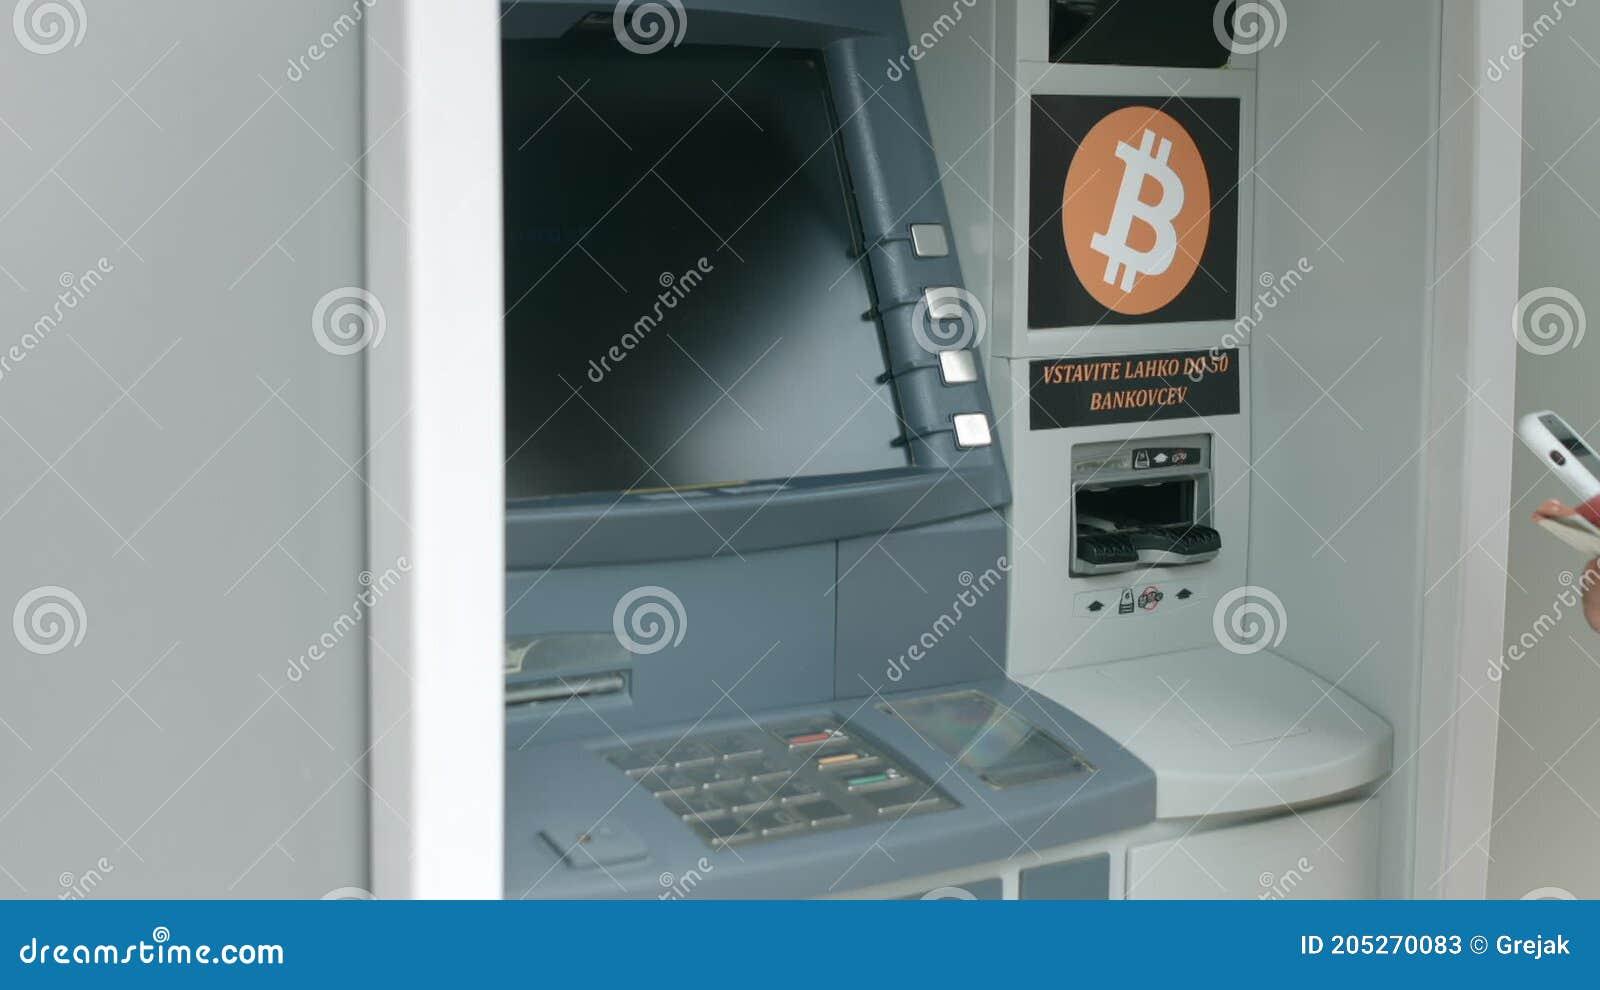 bitcoin atm ljubljana